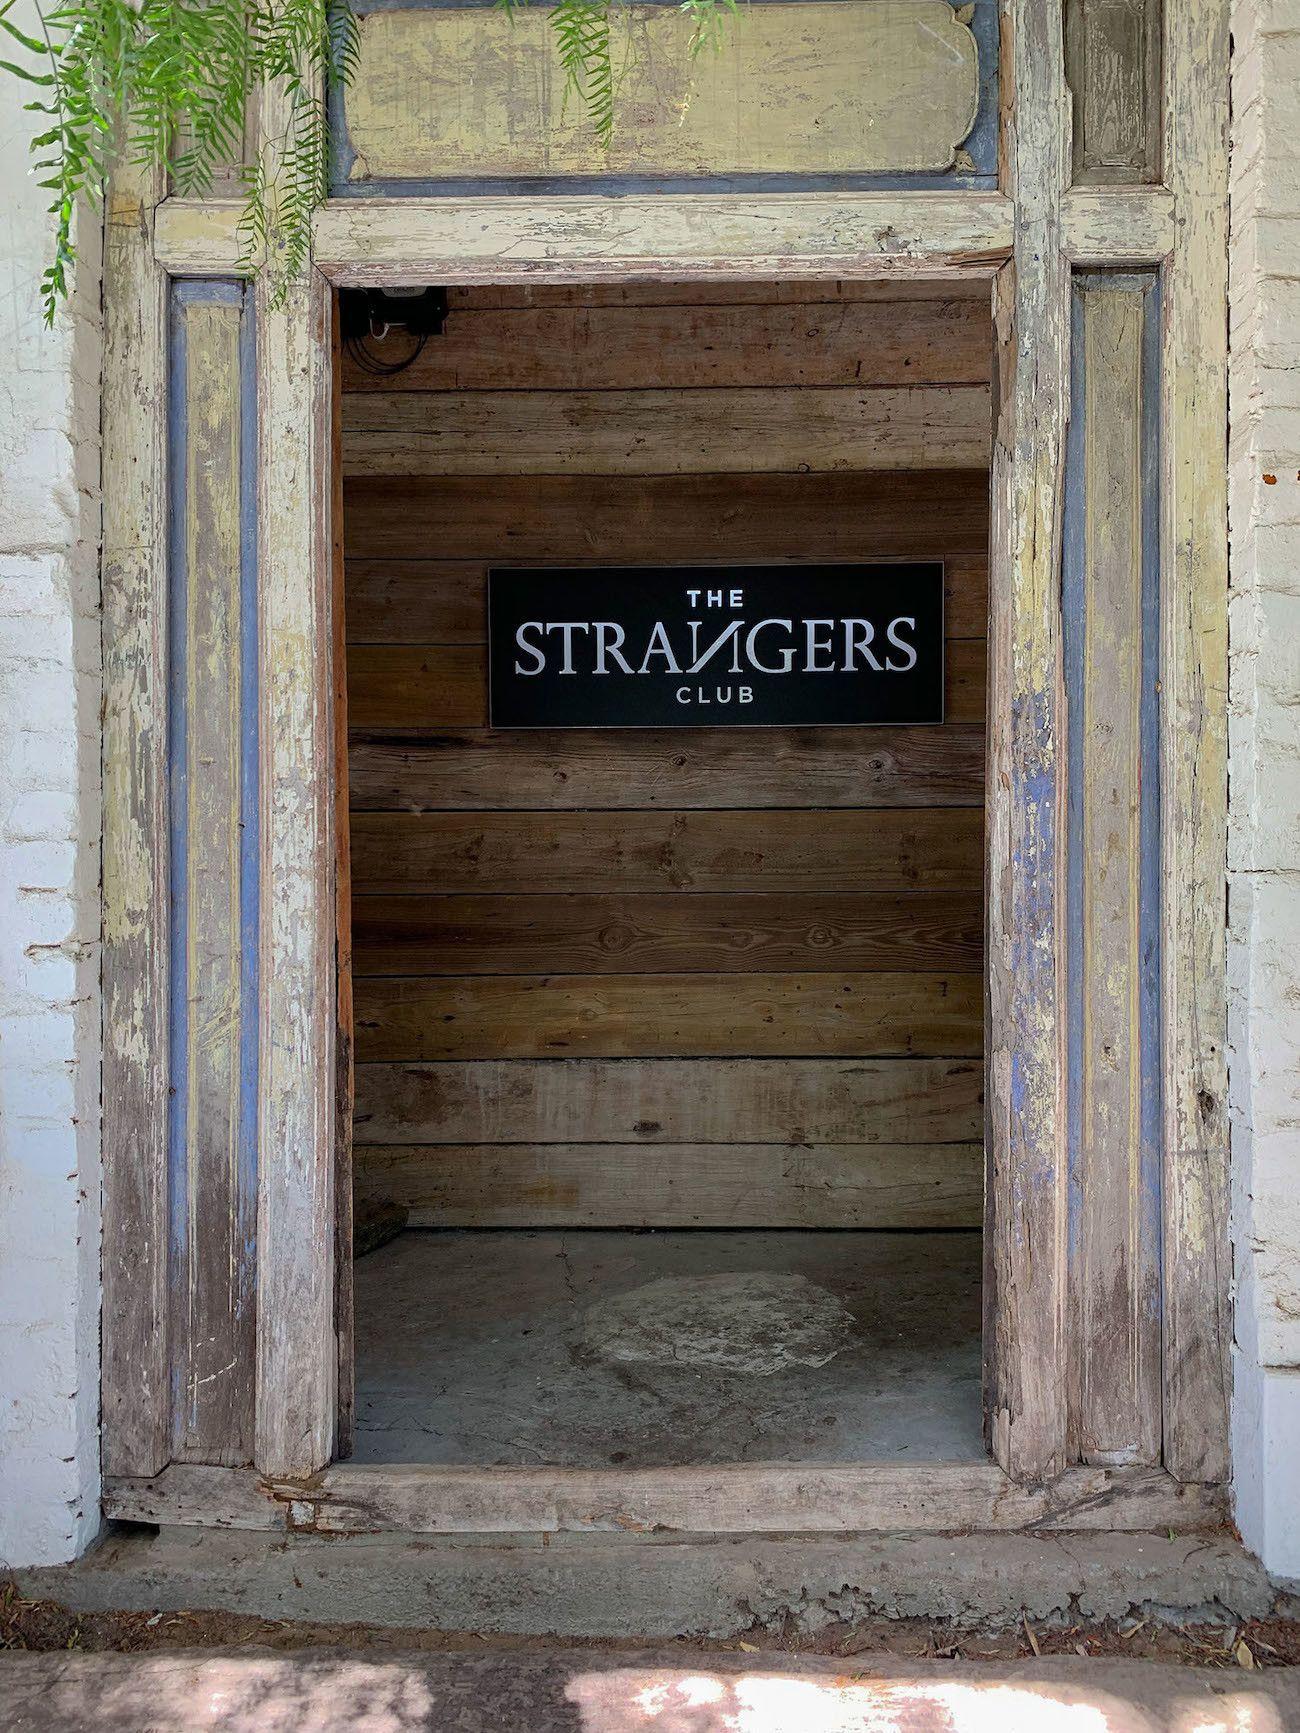 Frühstücks - und Brunch Guide für Kapstadt, The Strangers Club, Eingang